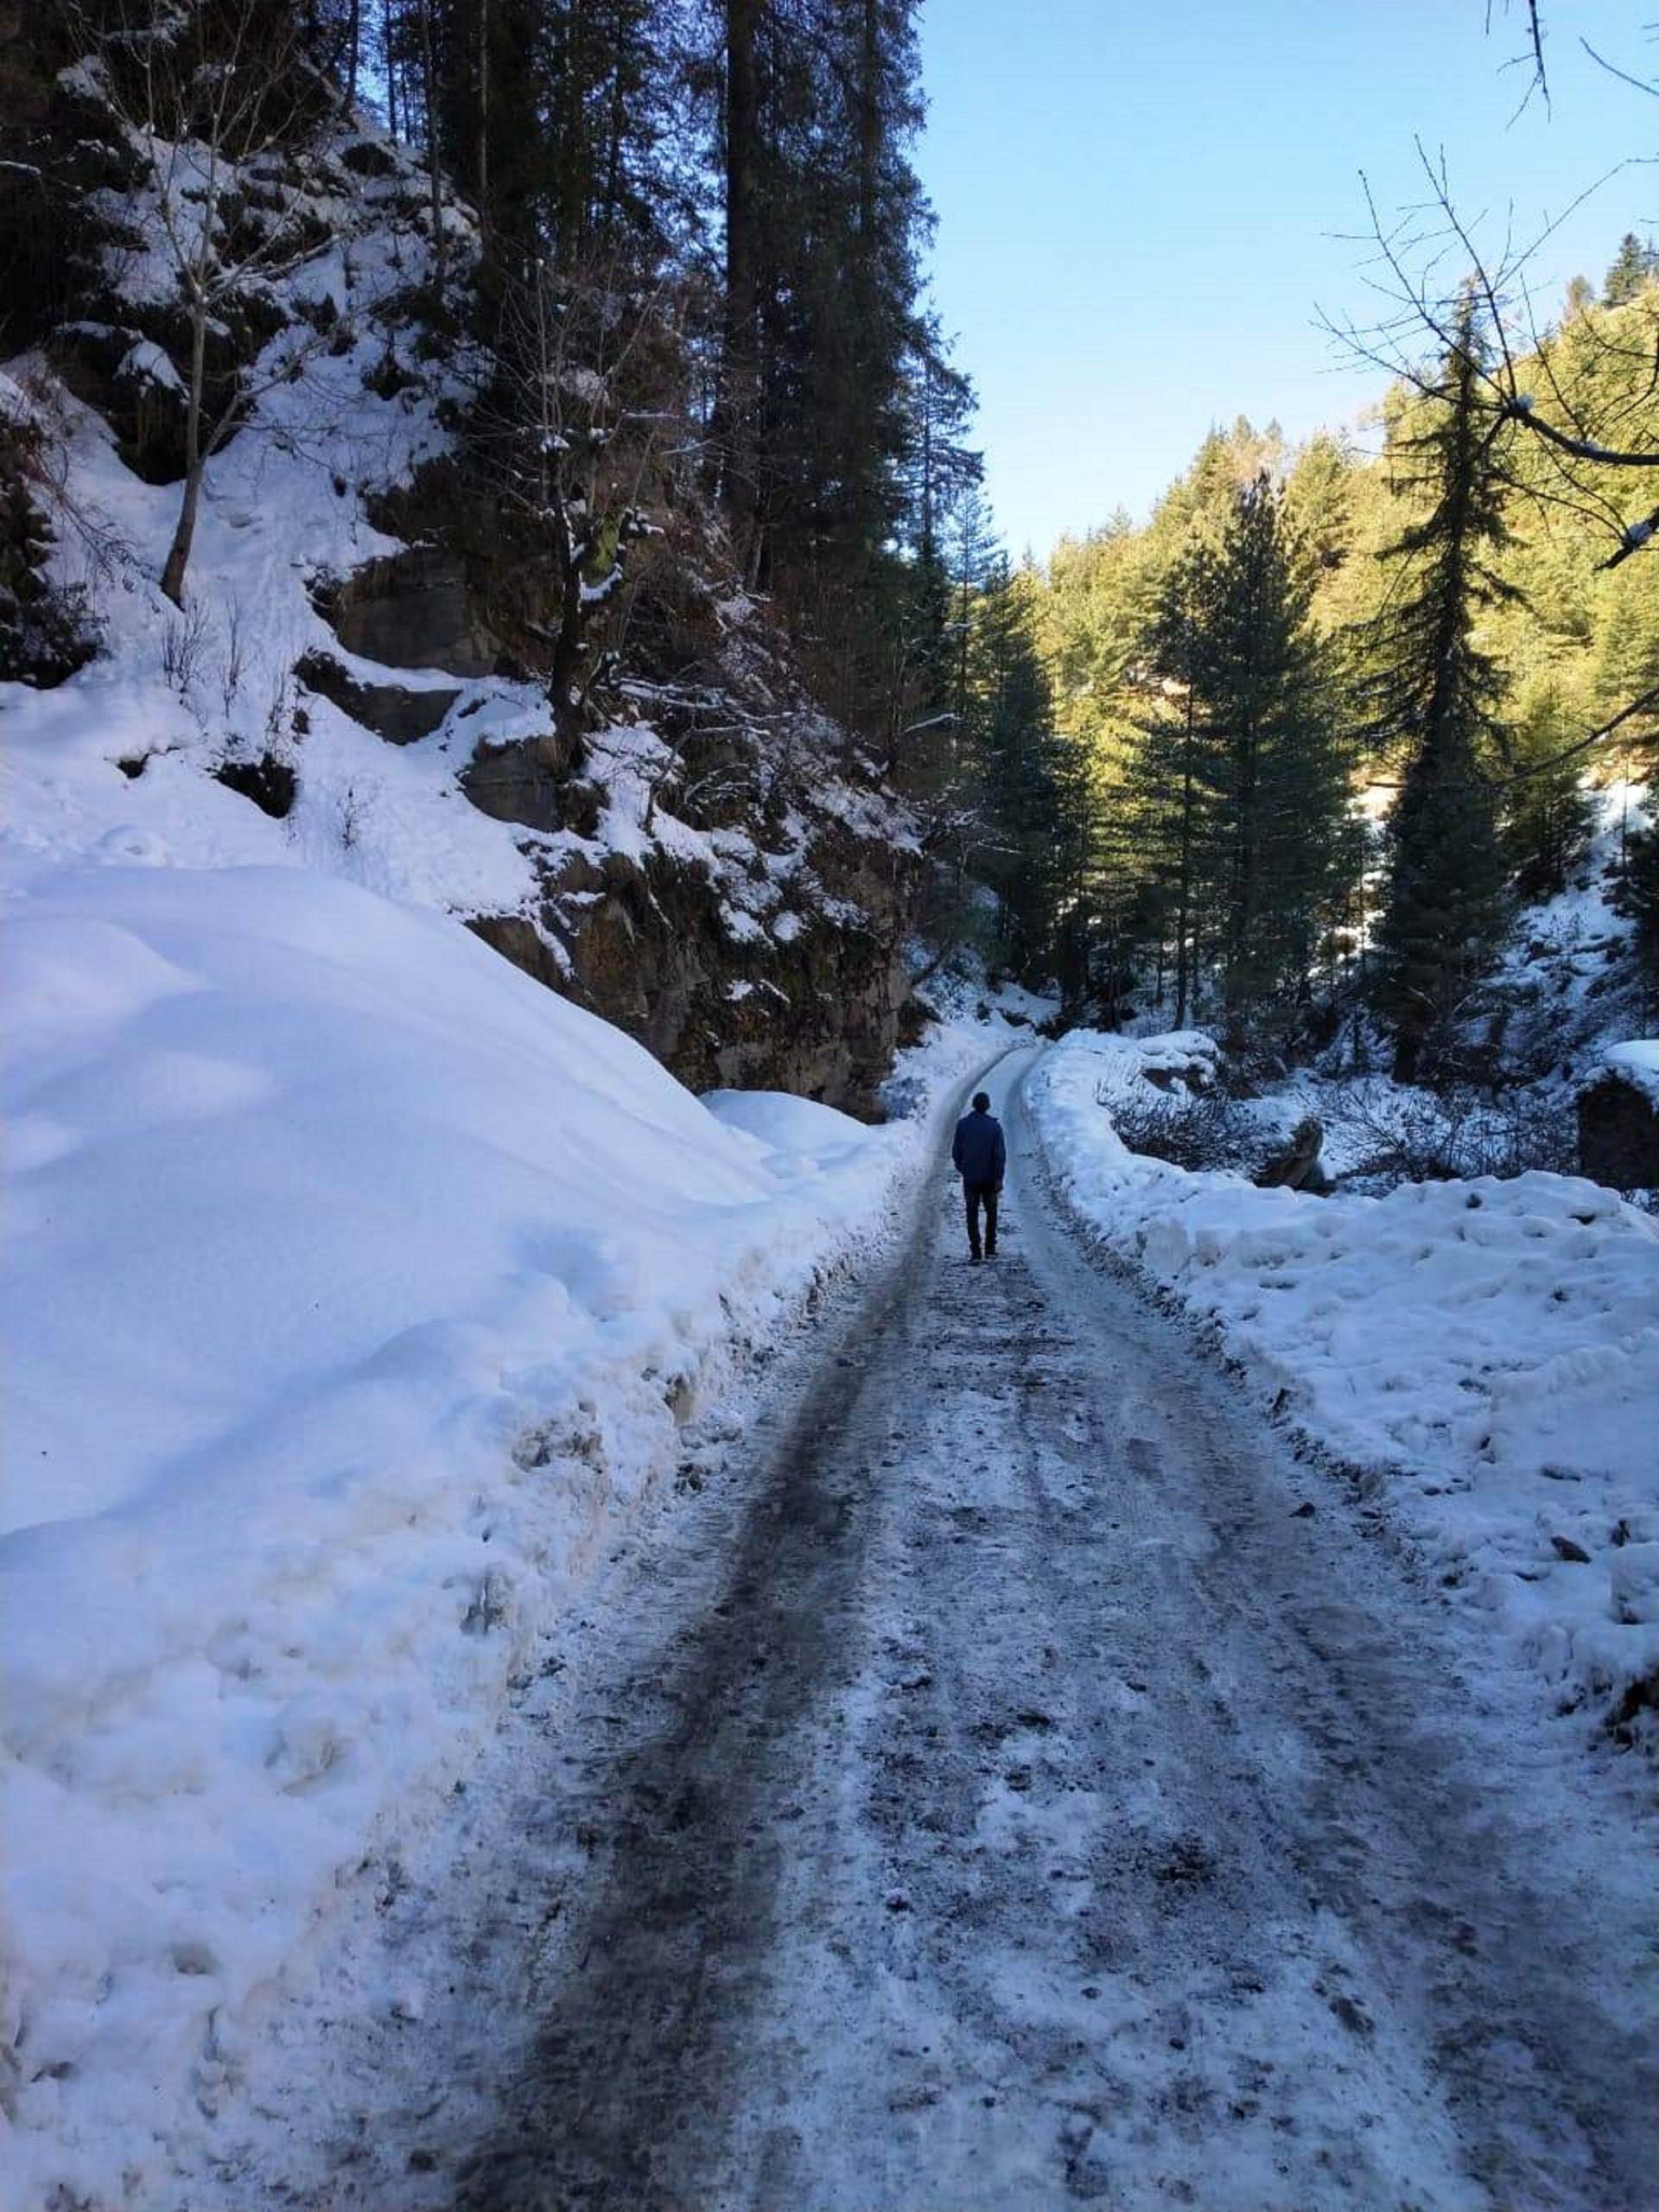 A snowy way